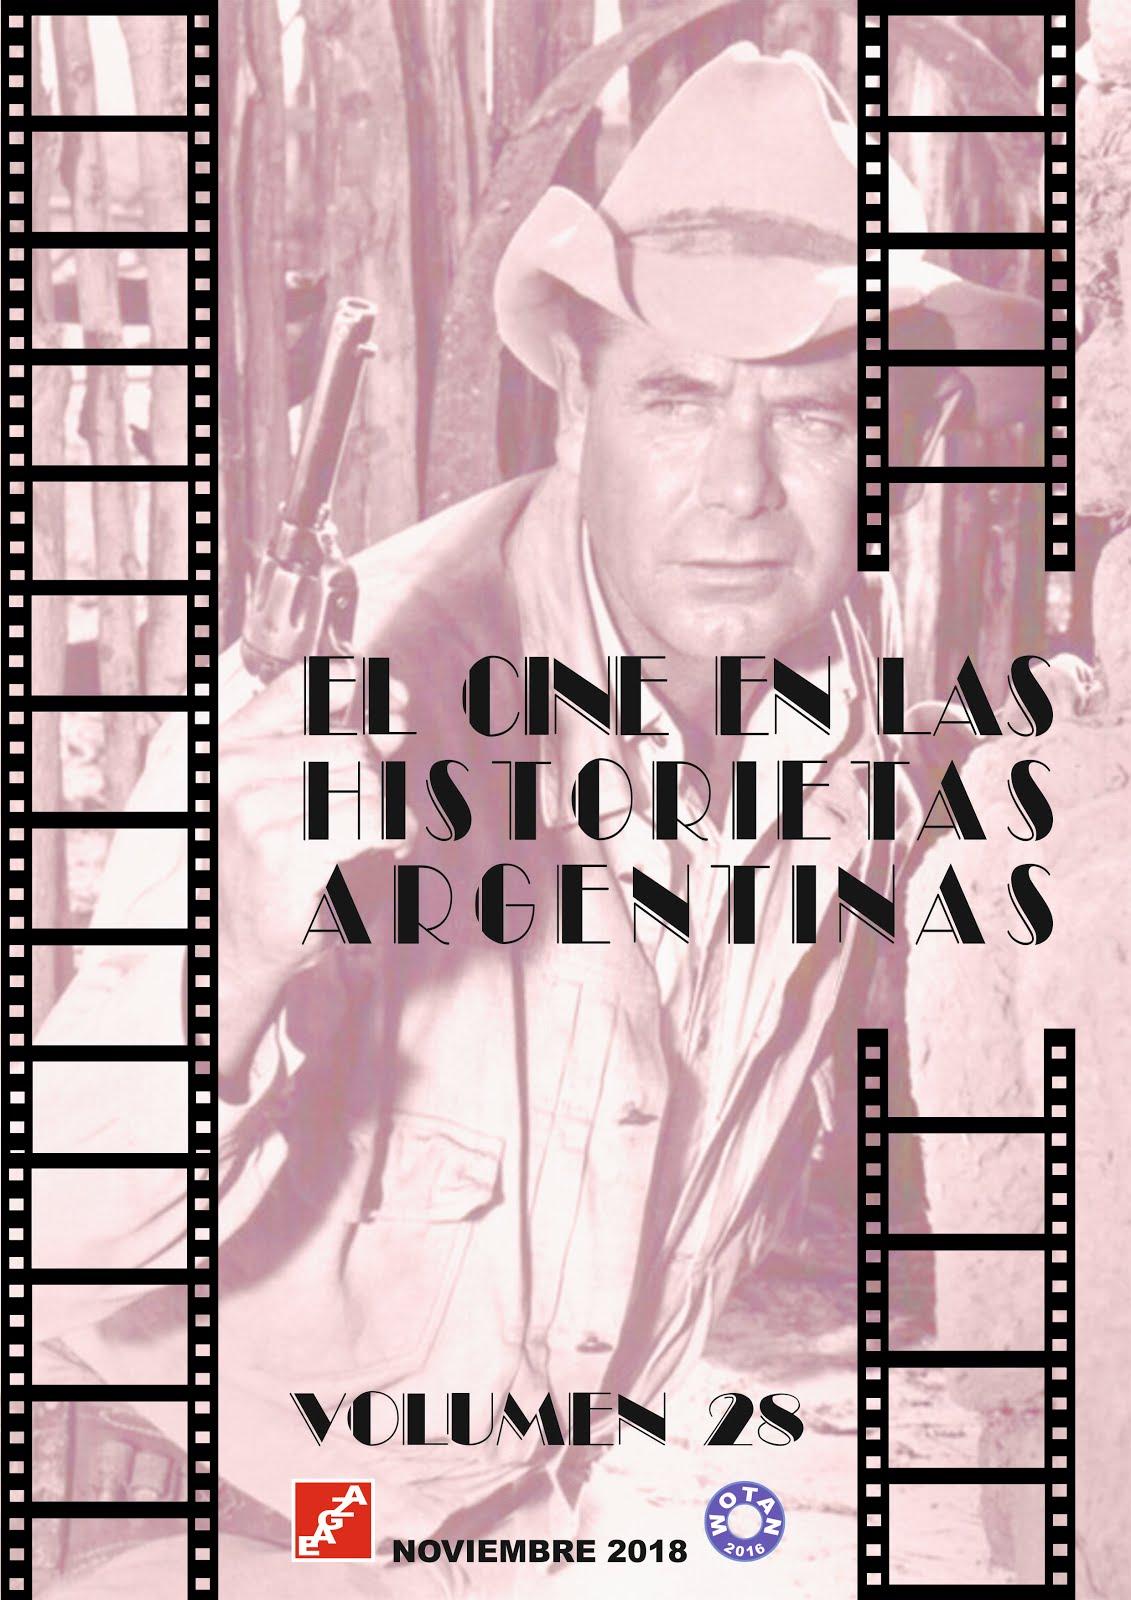 EL CINE EN LAS HISTORIETAS ARGENTINAS - EAGZA - WOTAN.